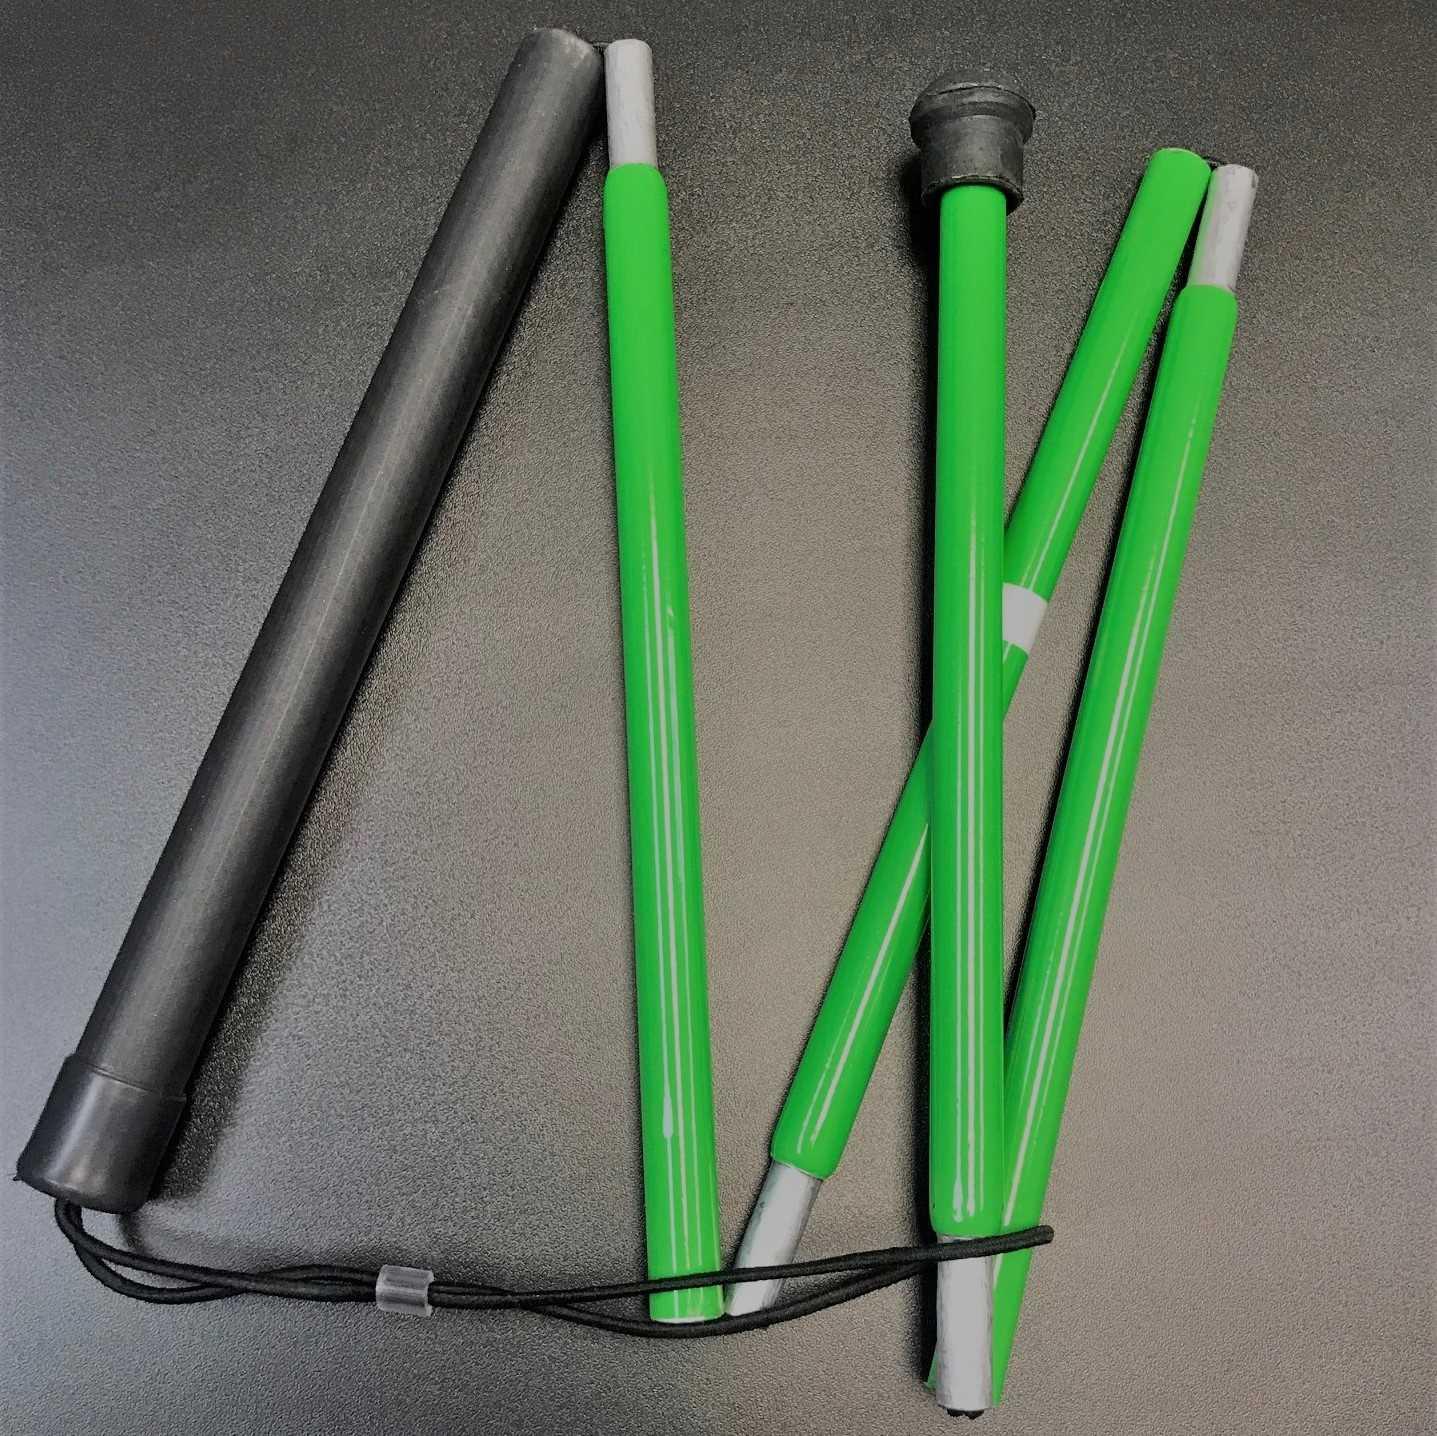 Bengala Verde para Baixa Visão Dobrável em 5 partes - 1,20m